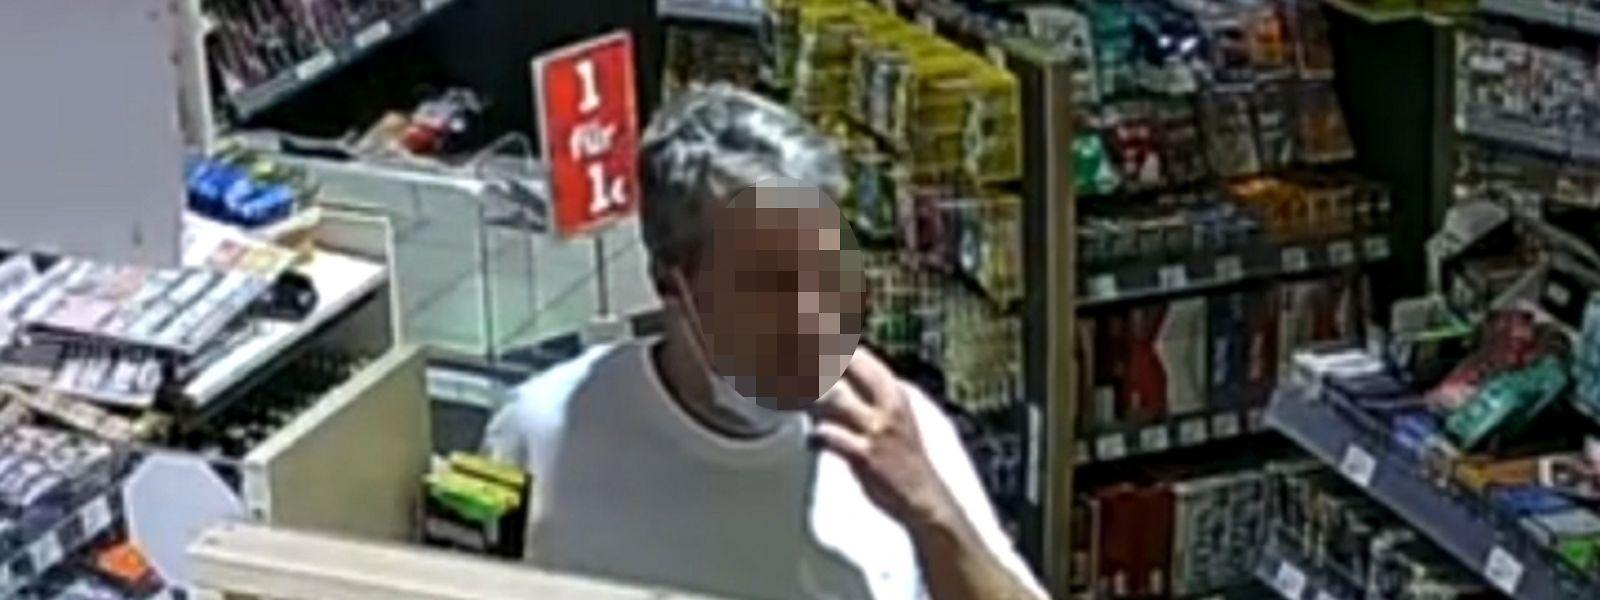 Das Foto zeigt den Täter um 21.20 Uhr in der Tankstelle in Idar-Oberstein.